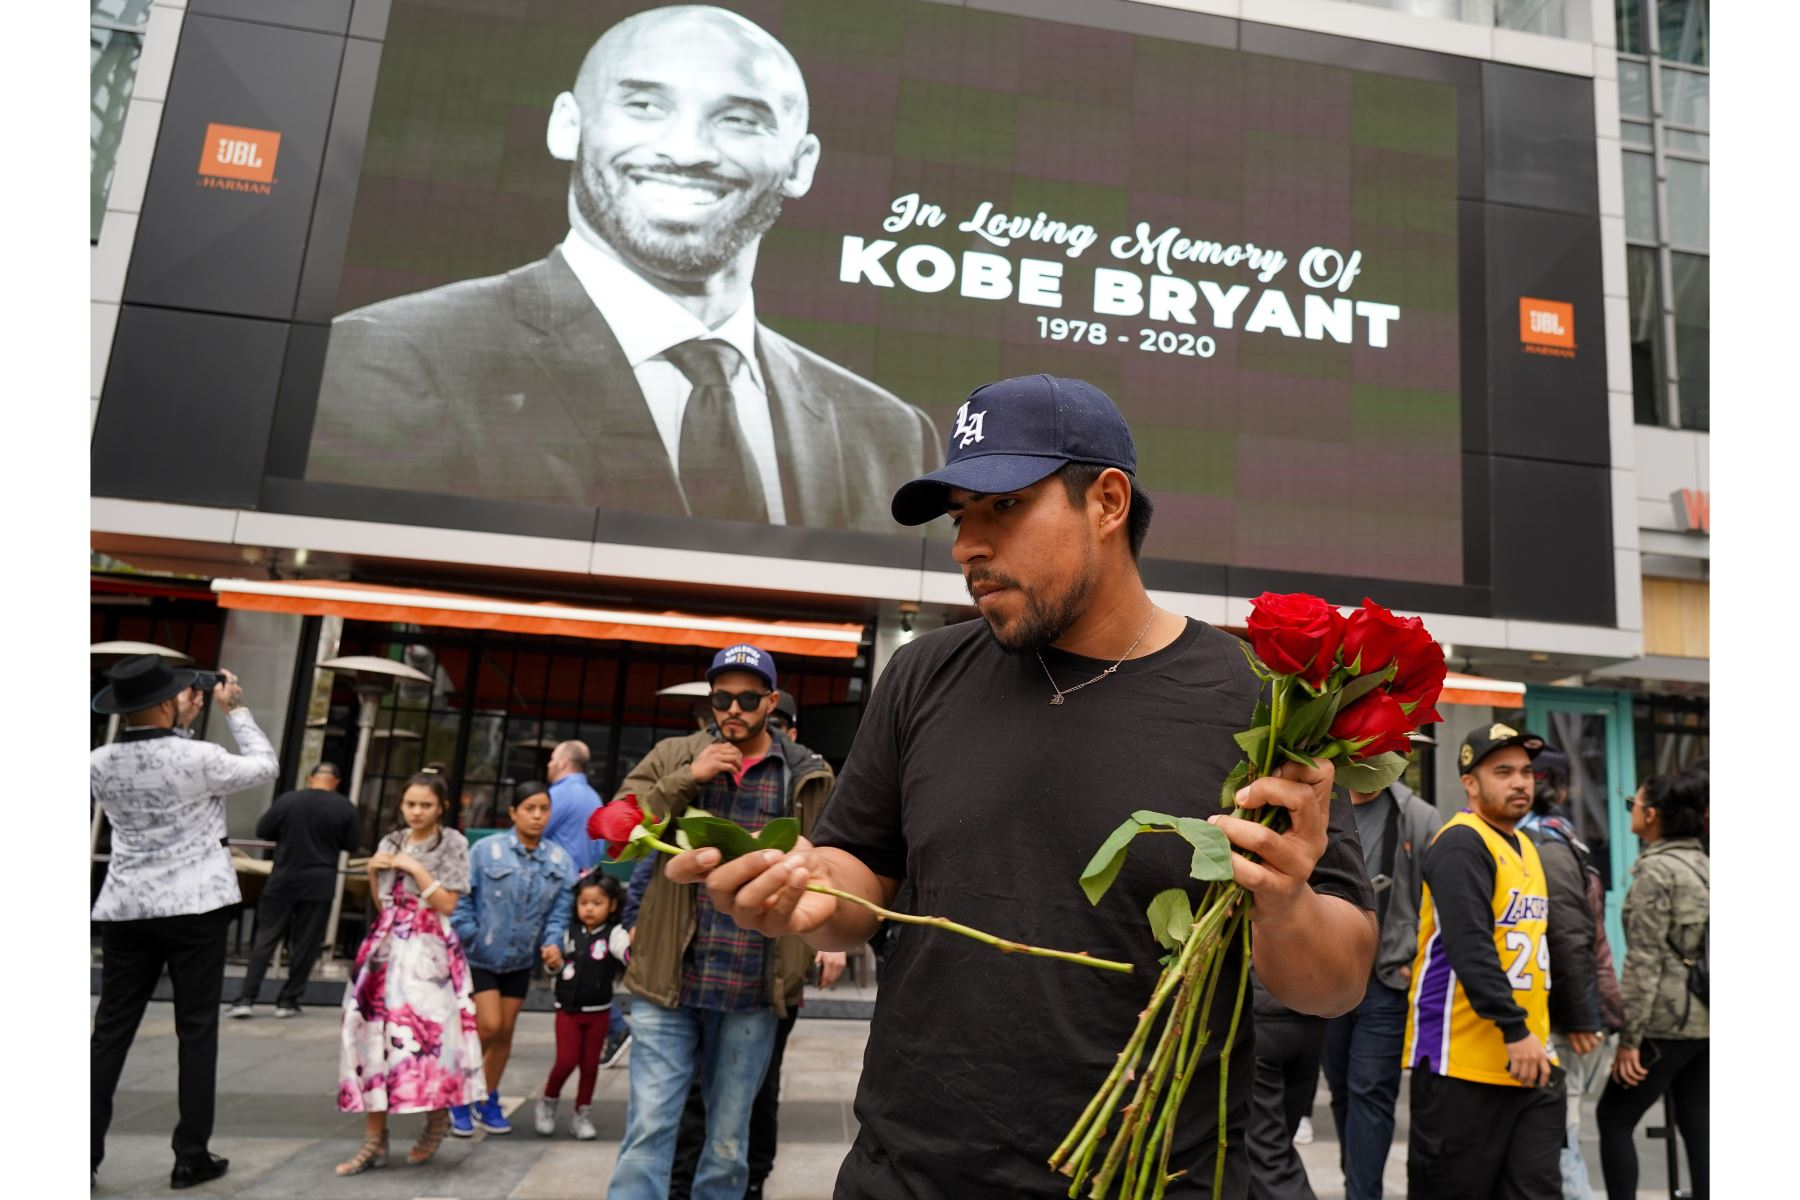 Un fanático llora la muerte de la estrella retirada de la NBA Kobe Bryant fuera del Staples Center antes de la 62a Entrega Anual de los Premios Grammy en Los Ángeles, California. Bryant, de 41 años, murió hoy en un accidente de helicóptero cerca de Calabasas, California. Rachel Foto: AFP